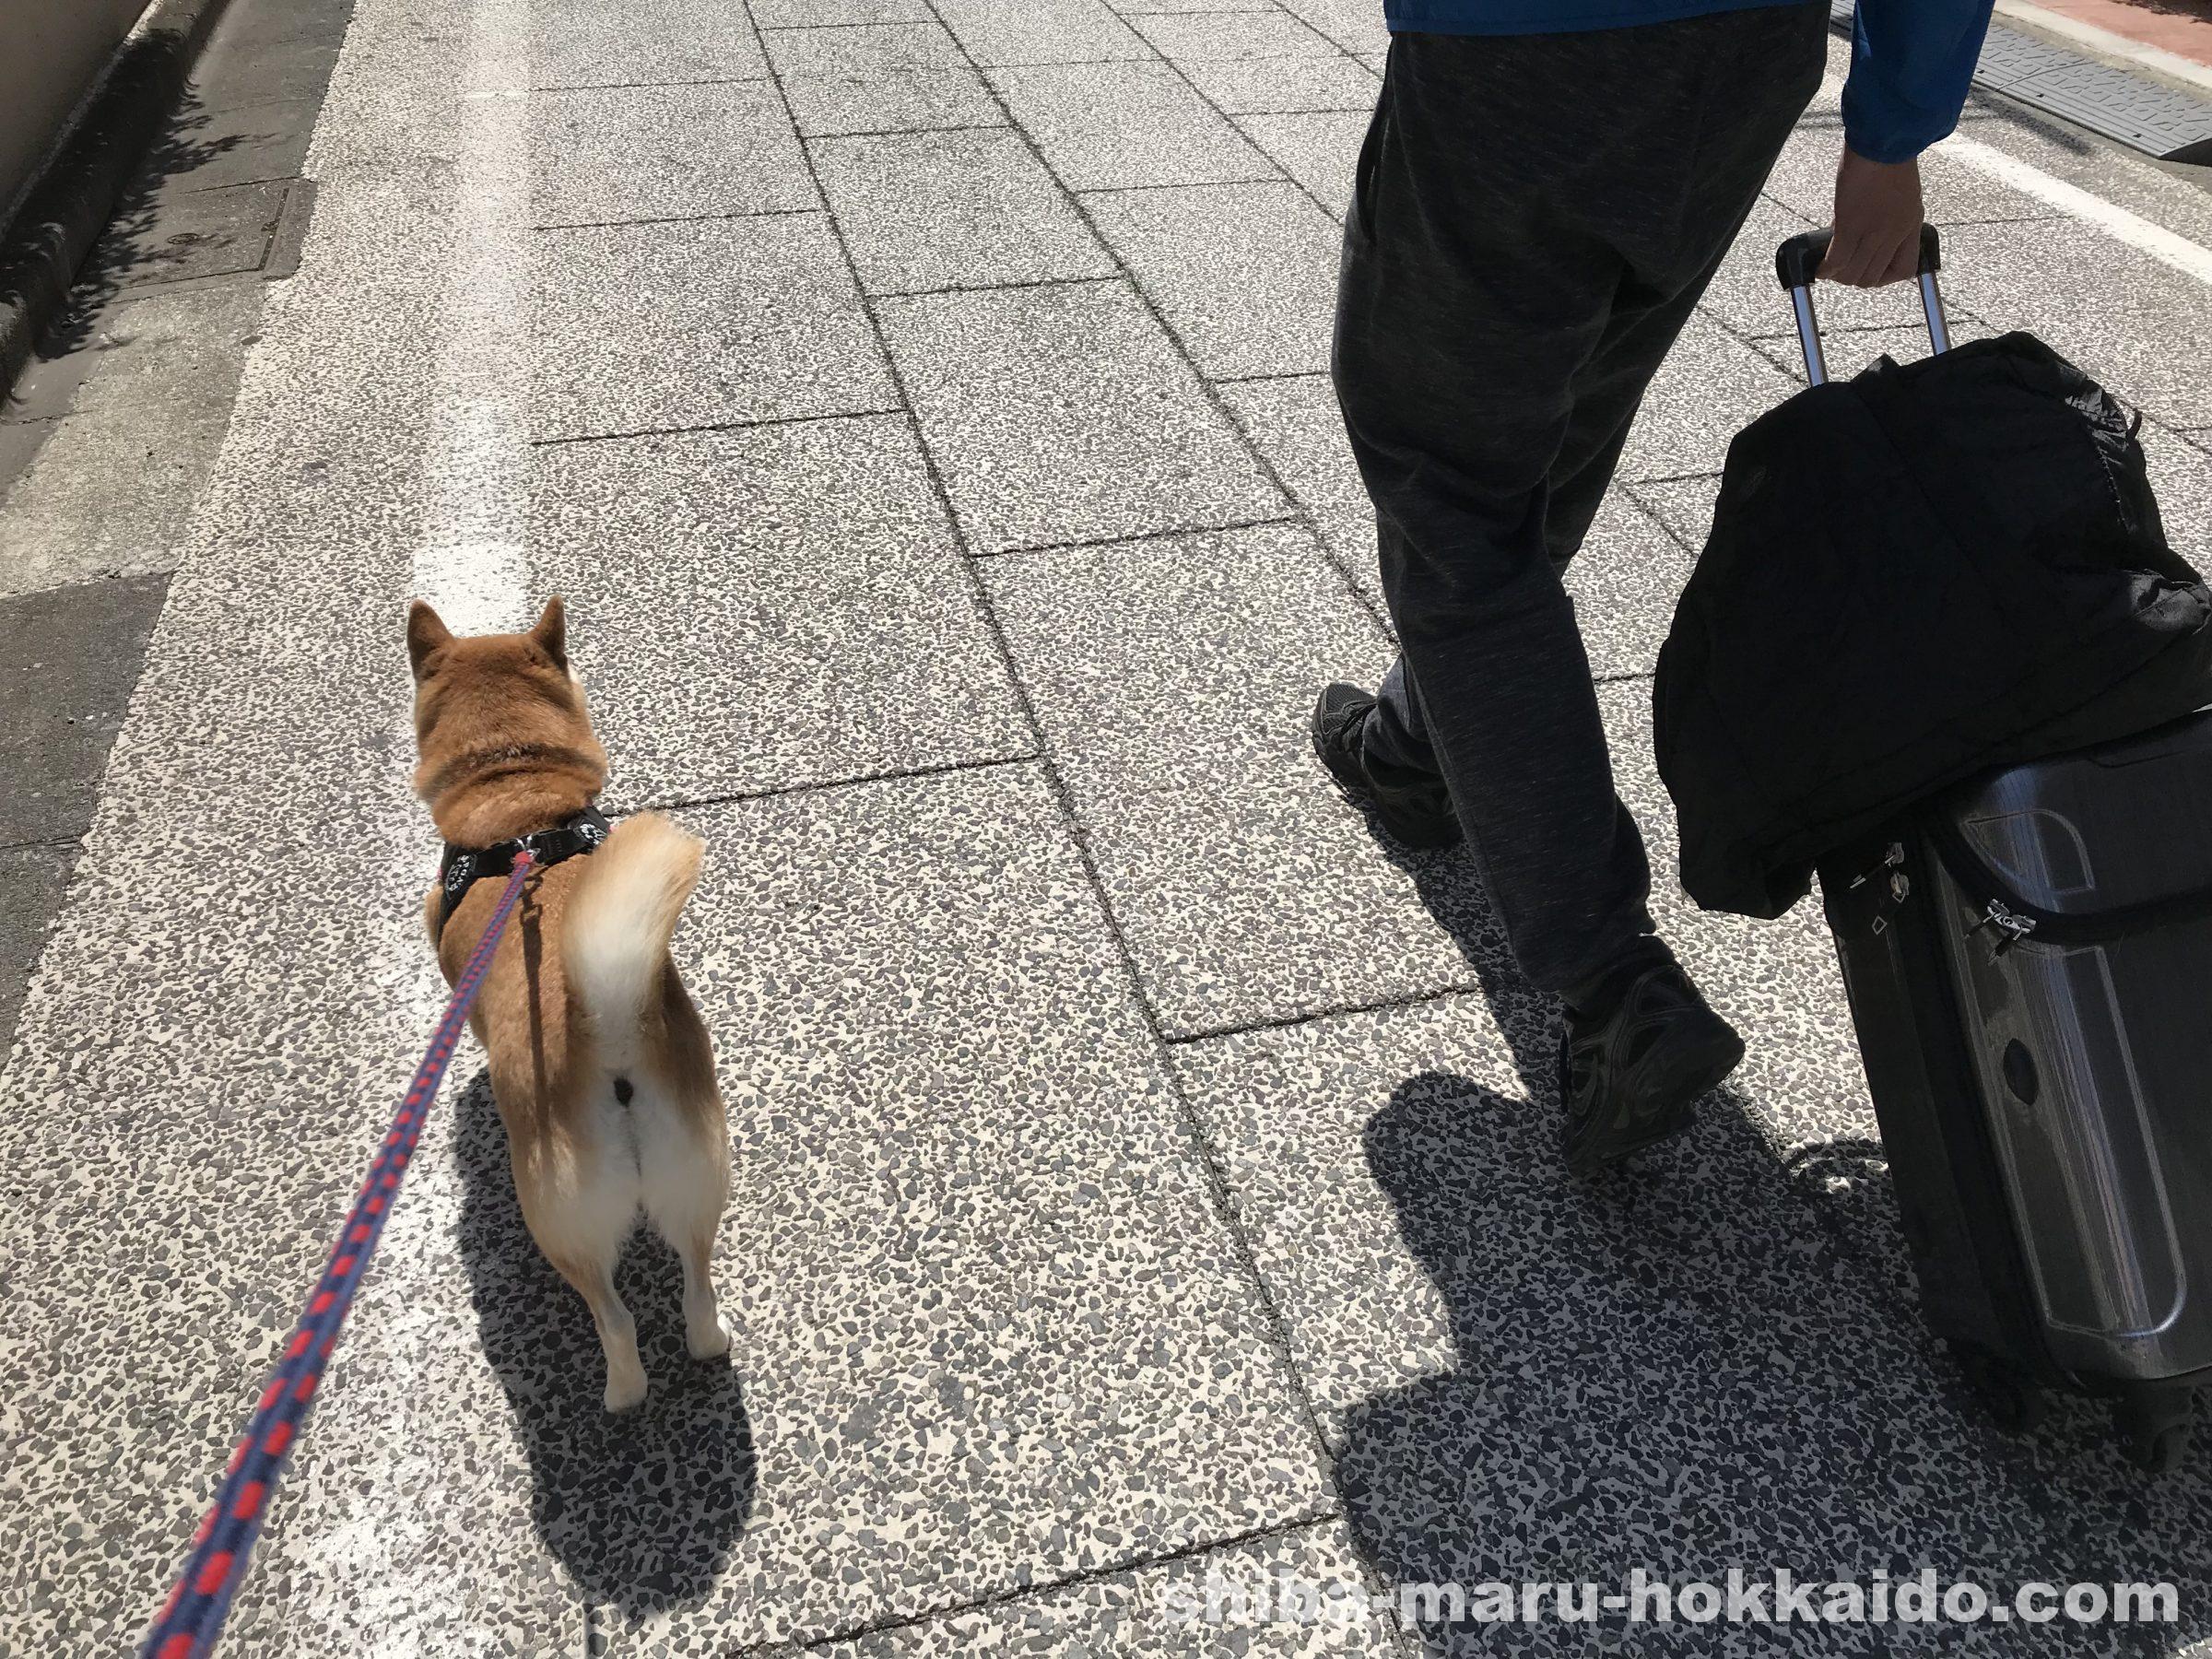 北海道への帰省初日からやらかす。